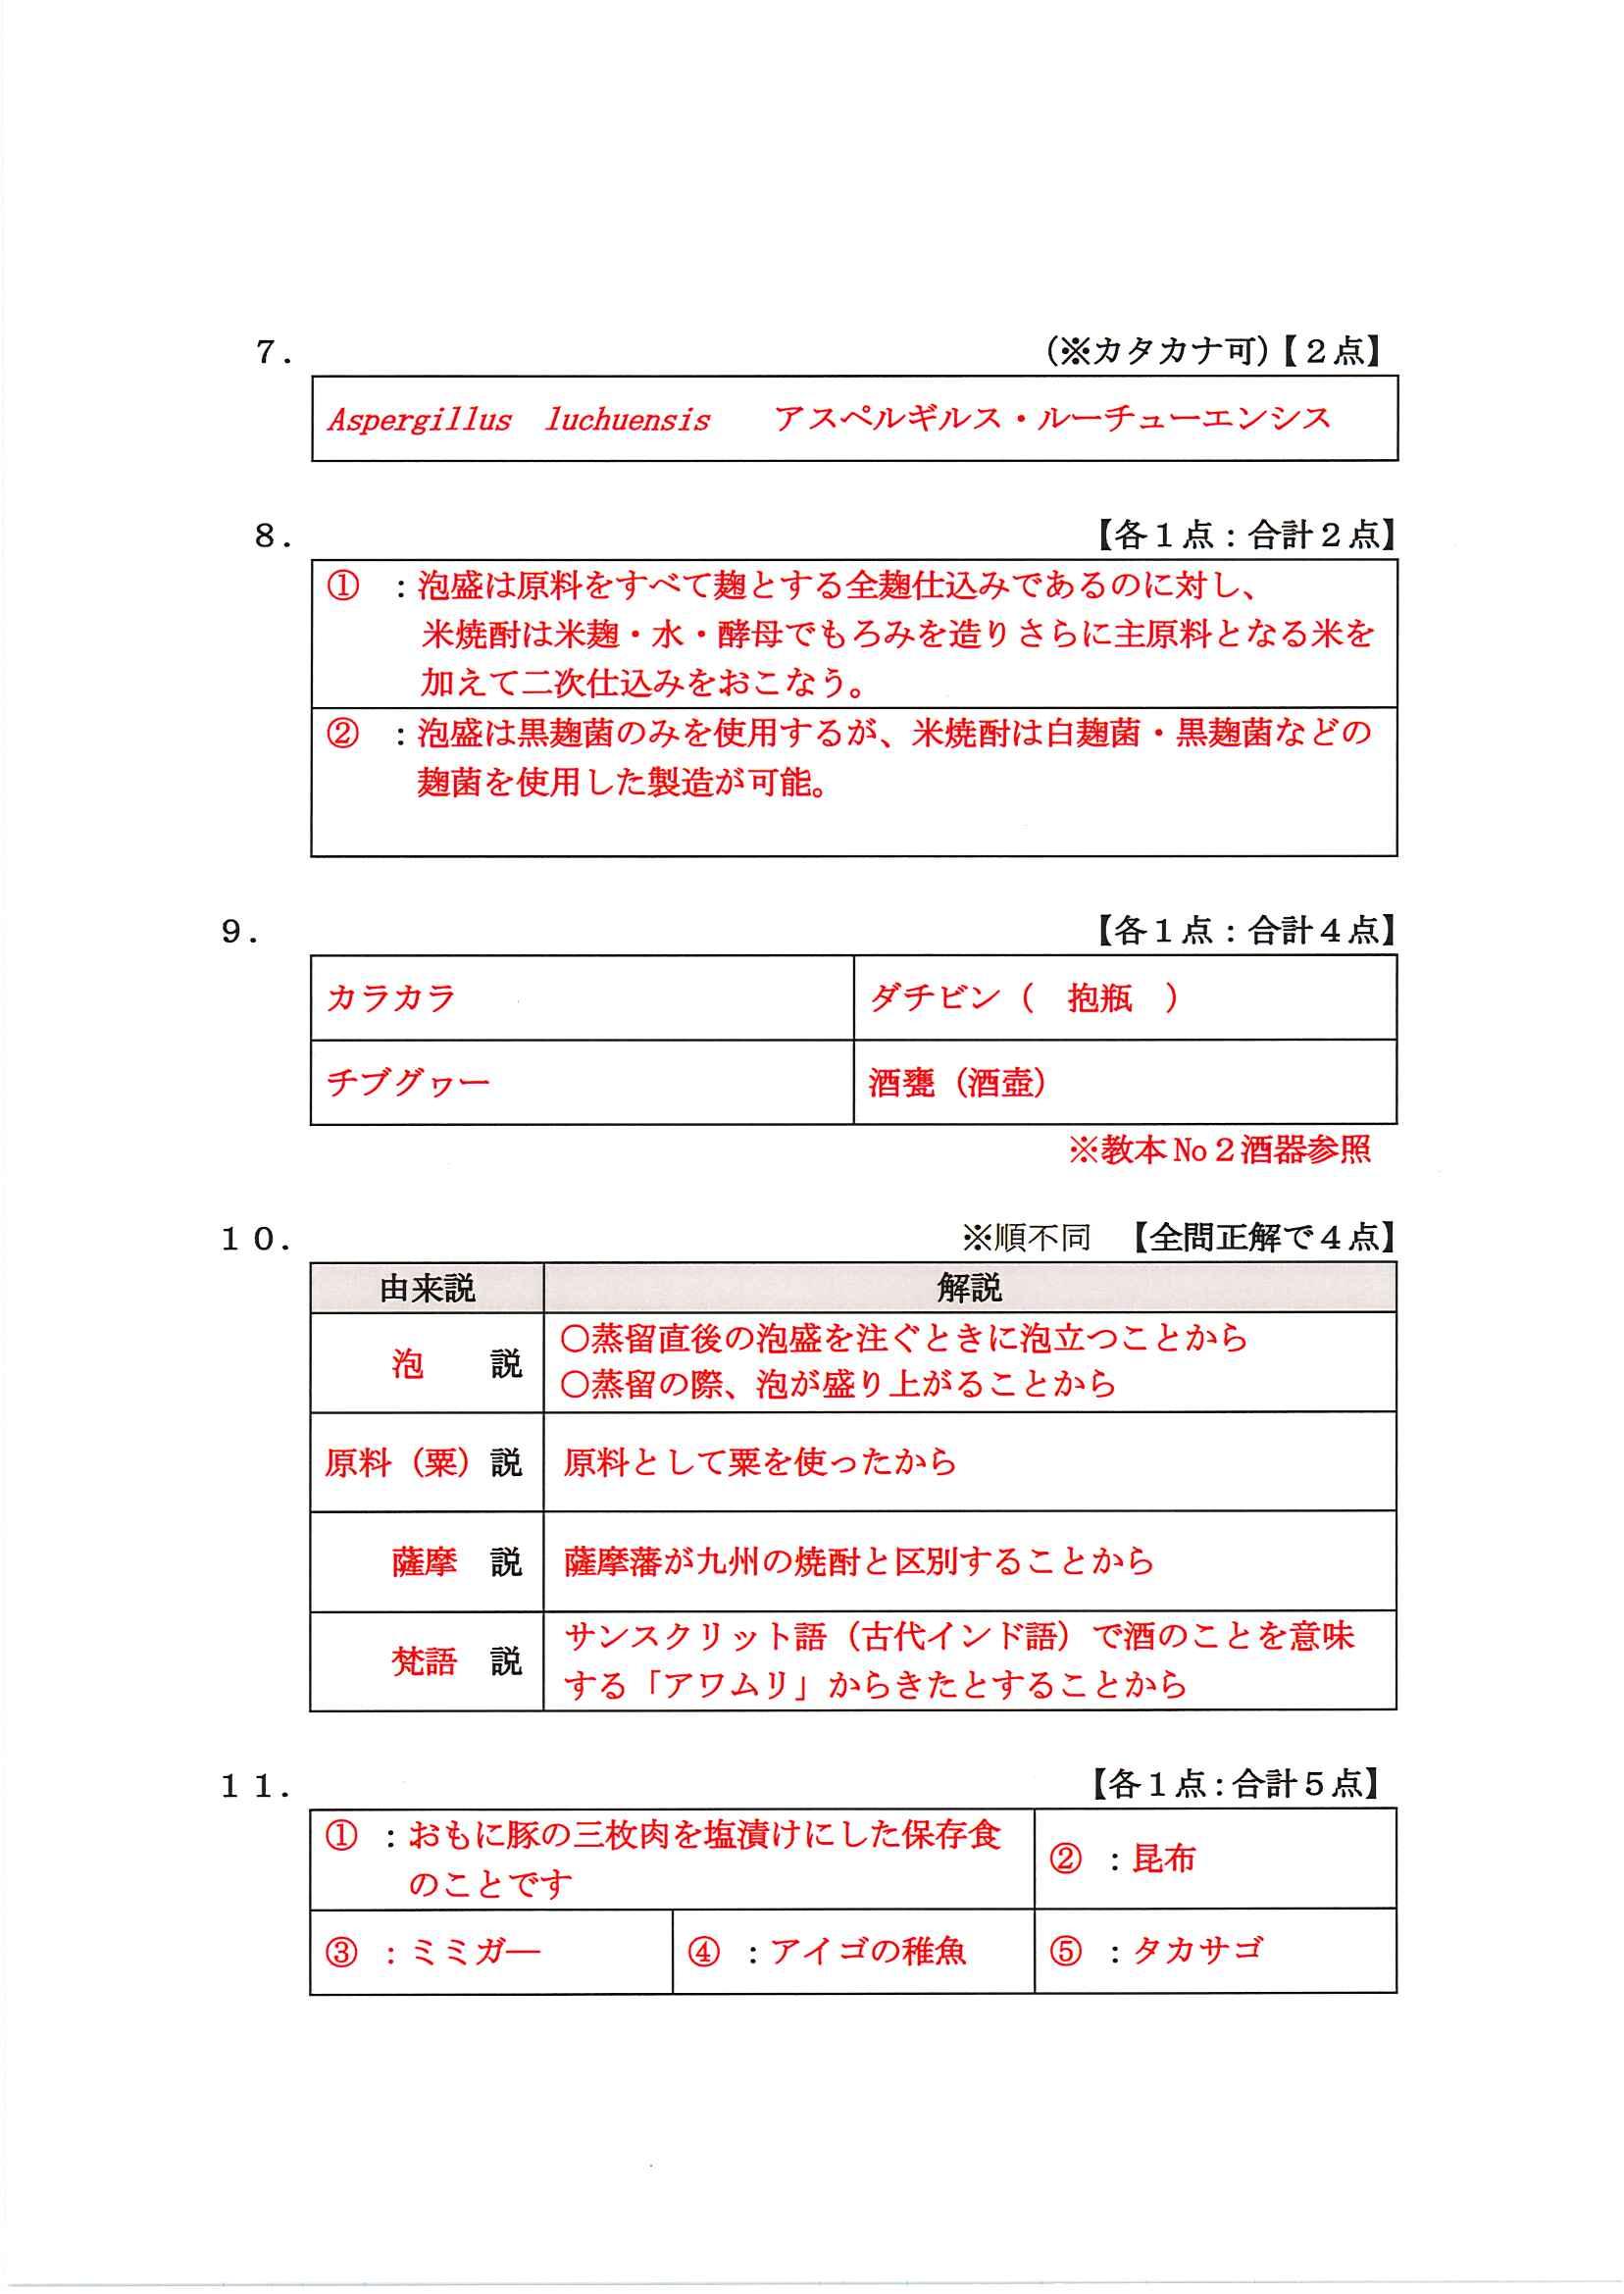 筆記試験解答④